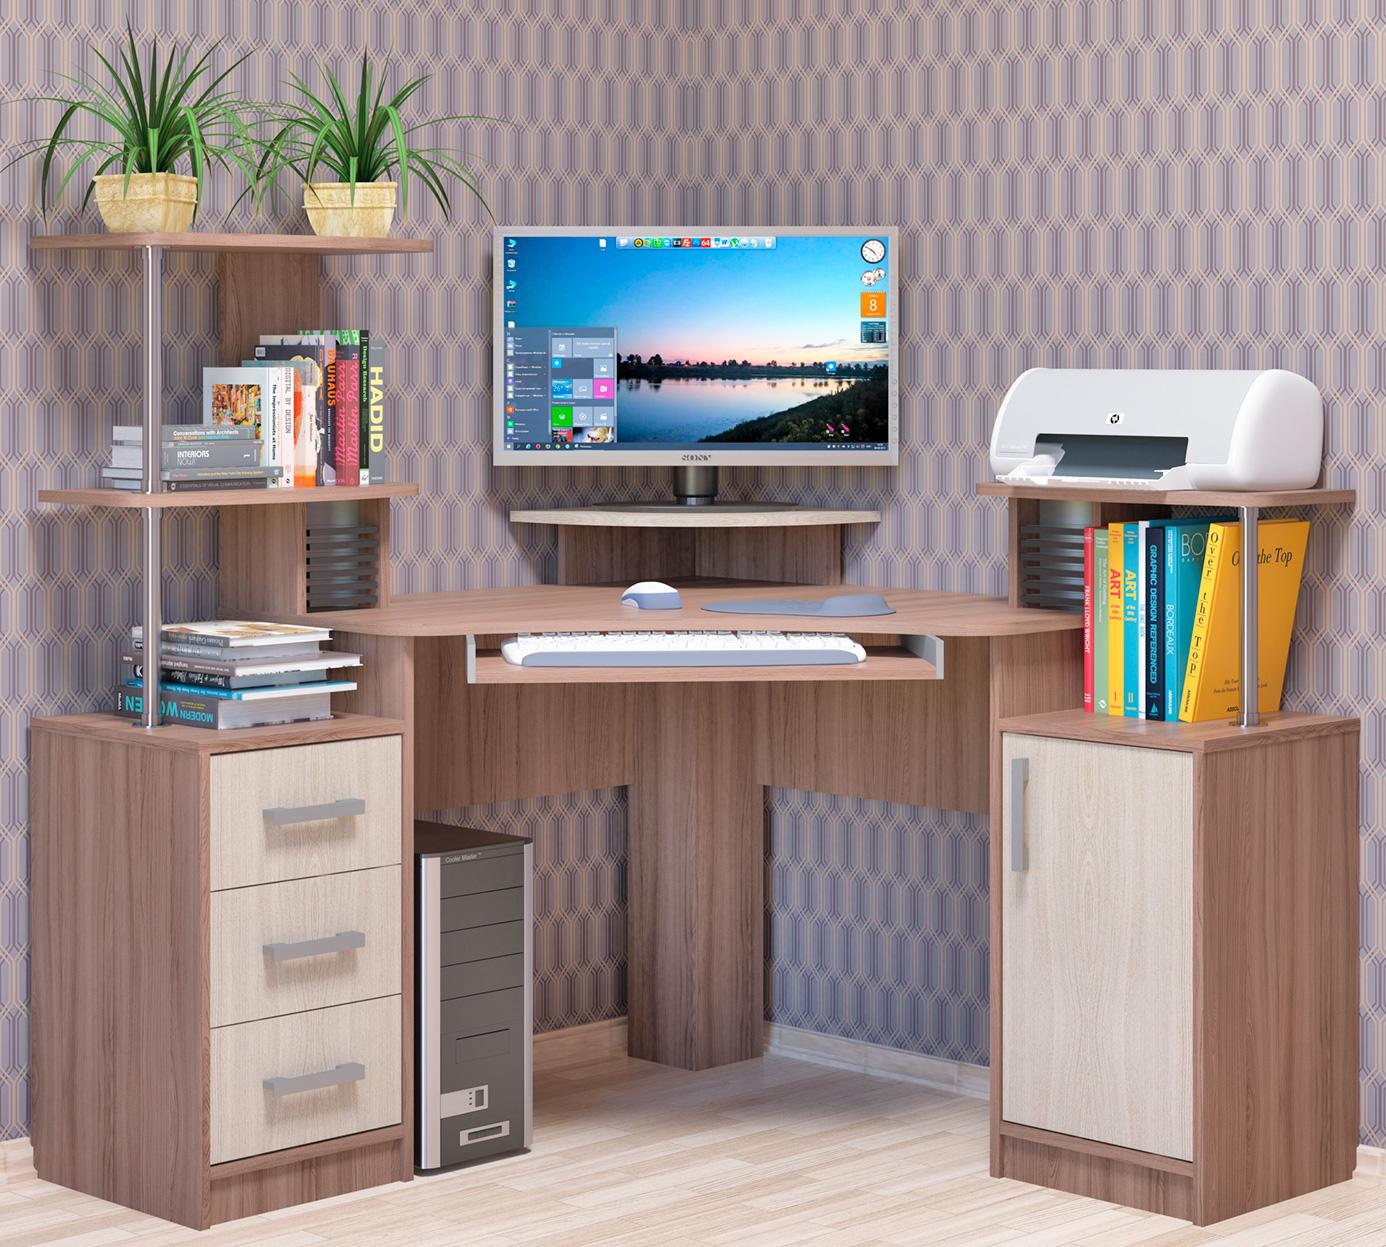 таинстве угловые компьютерные столы для дома каталог фото качестве выбранного направления